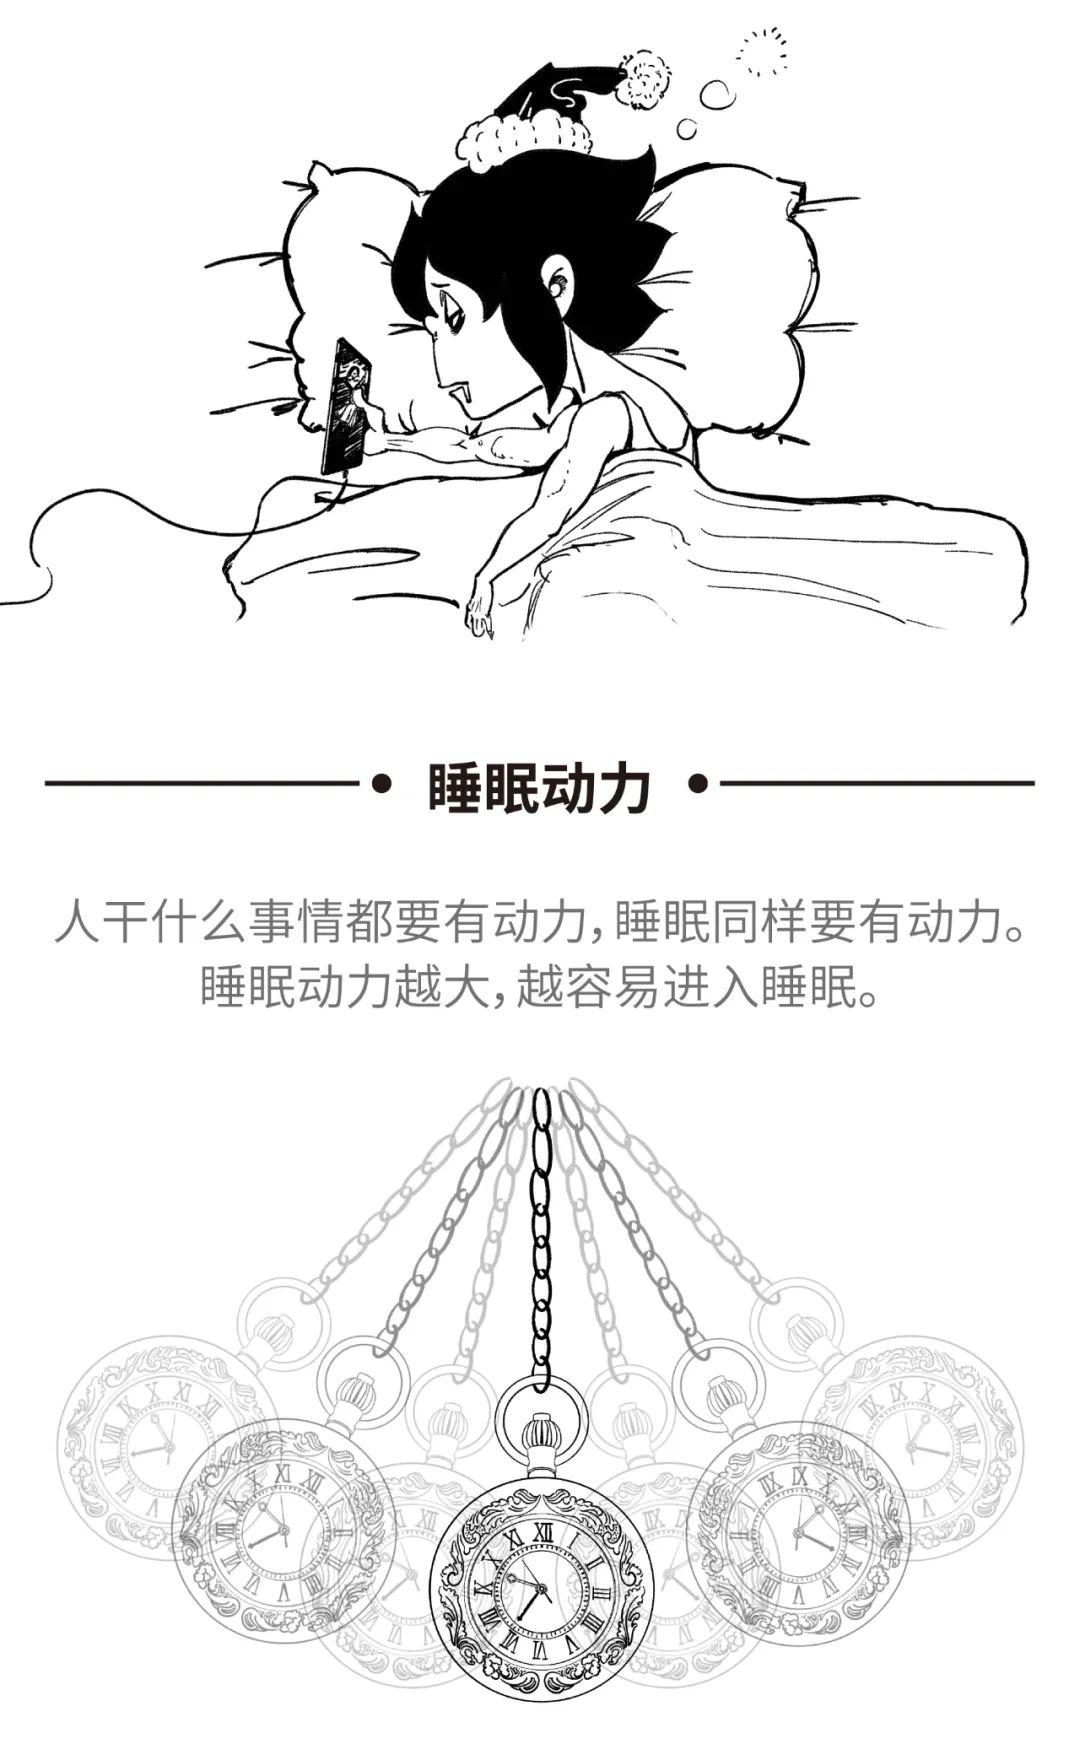 """失眠太痛苦!从今天开始试一下这套""""助眠五步疗法"""""""